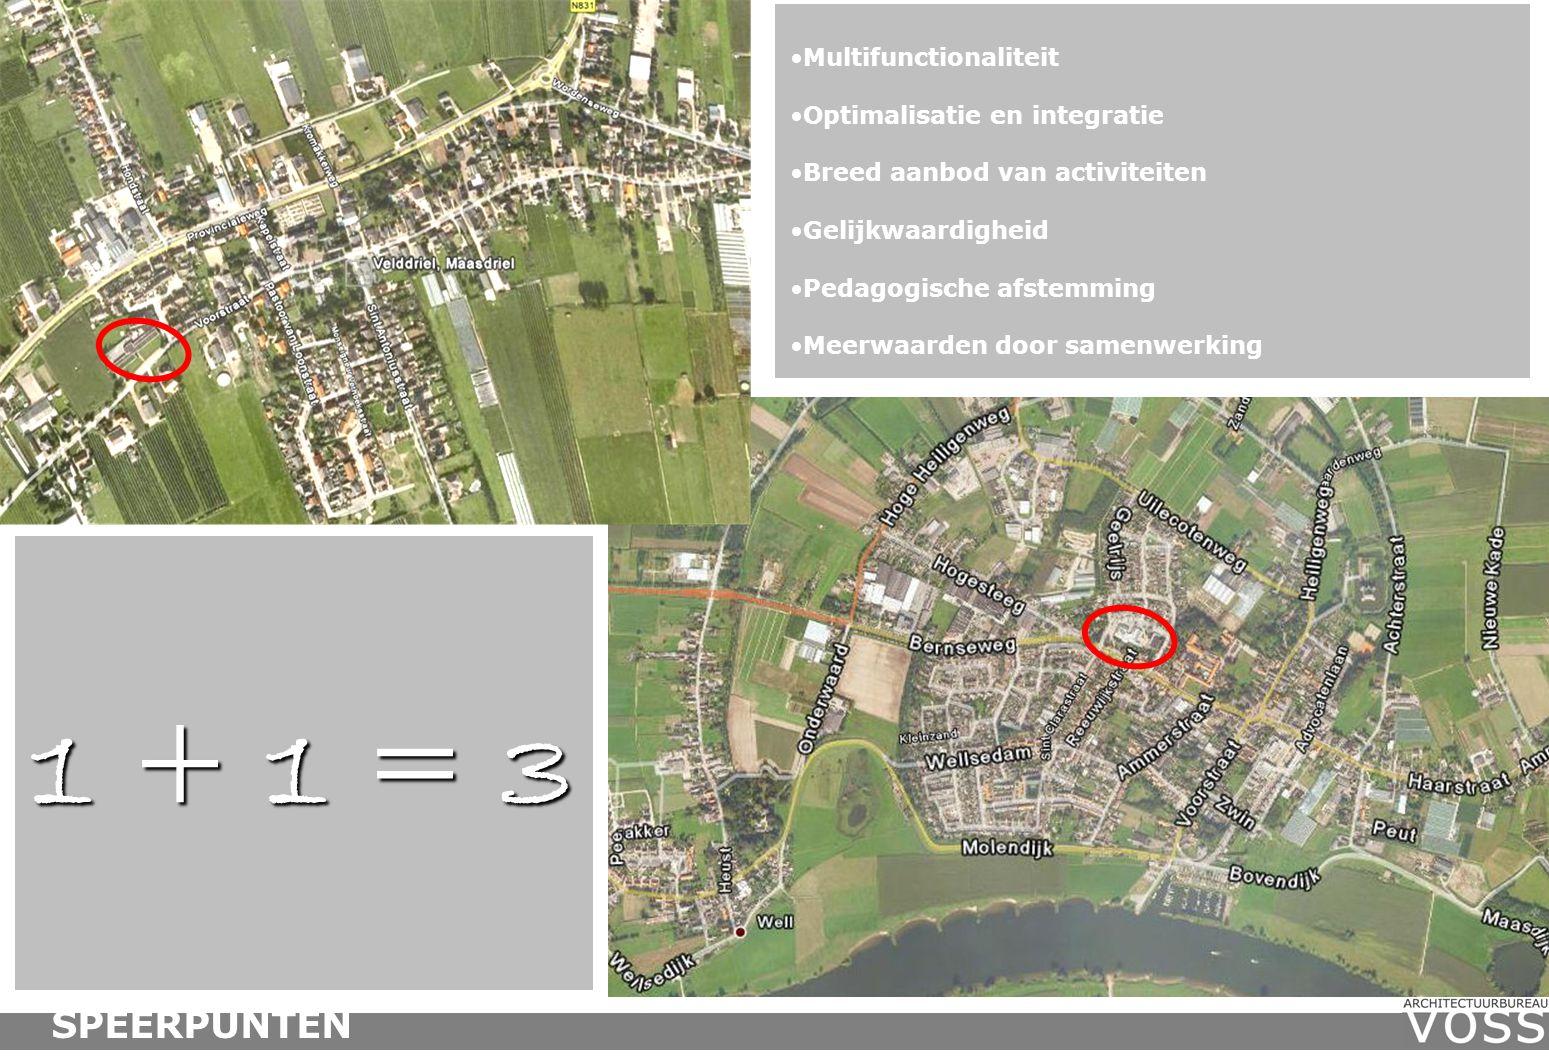 Ammerzoden In opdracht van de gemeente Maasdriel heeft Architectuurbureau Voss samen met de beoogde participanten een studie verricht naar de uitbreidingsmogelijkheden van de RK basisschool de Schakel in het hart van Ammerzoden.